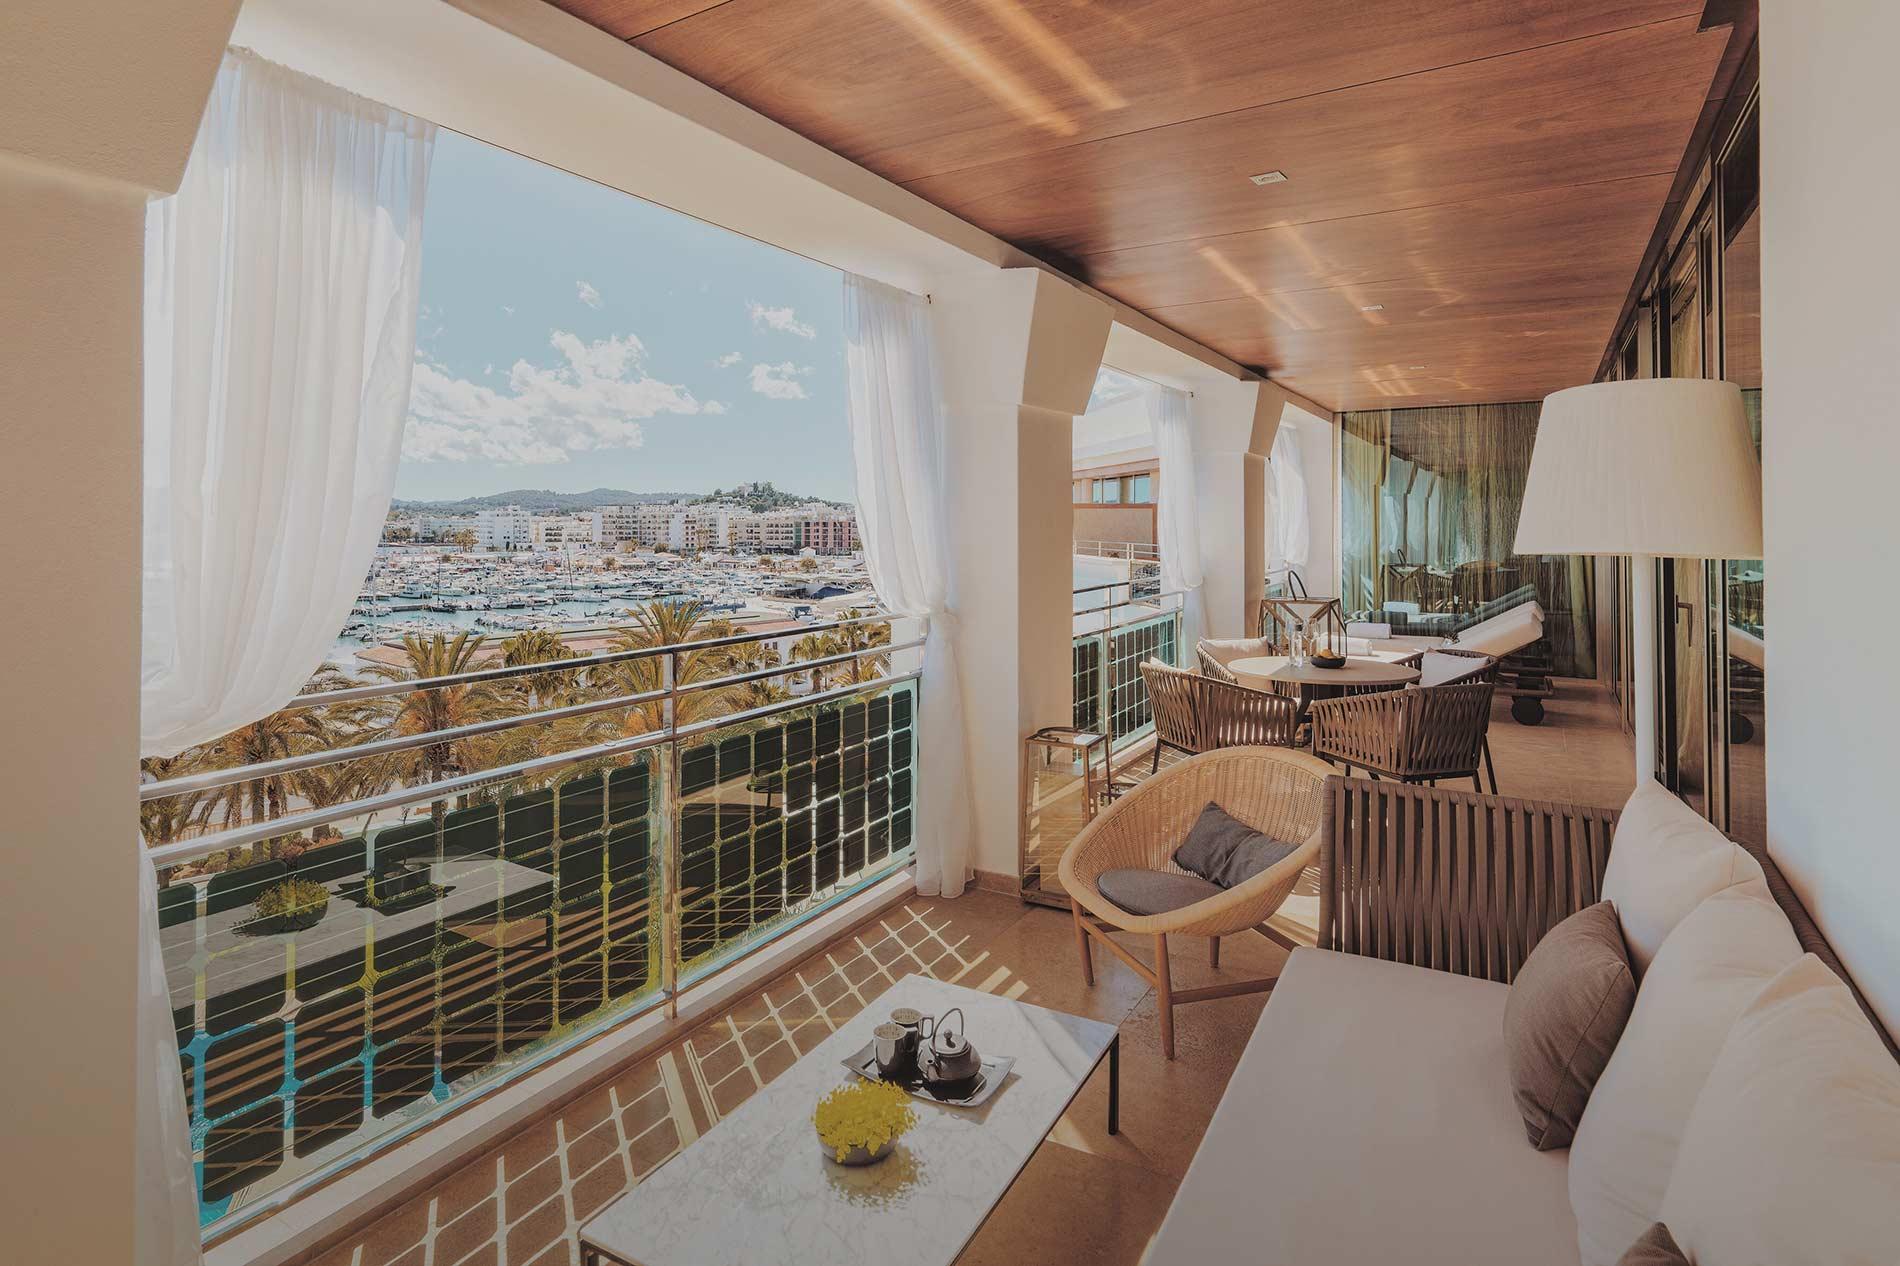 aguasdeibiza-habitacion-presidencial-suite-001-w3